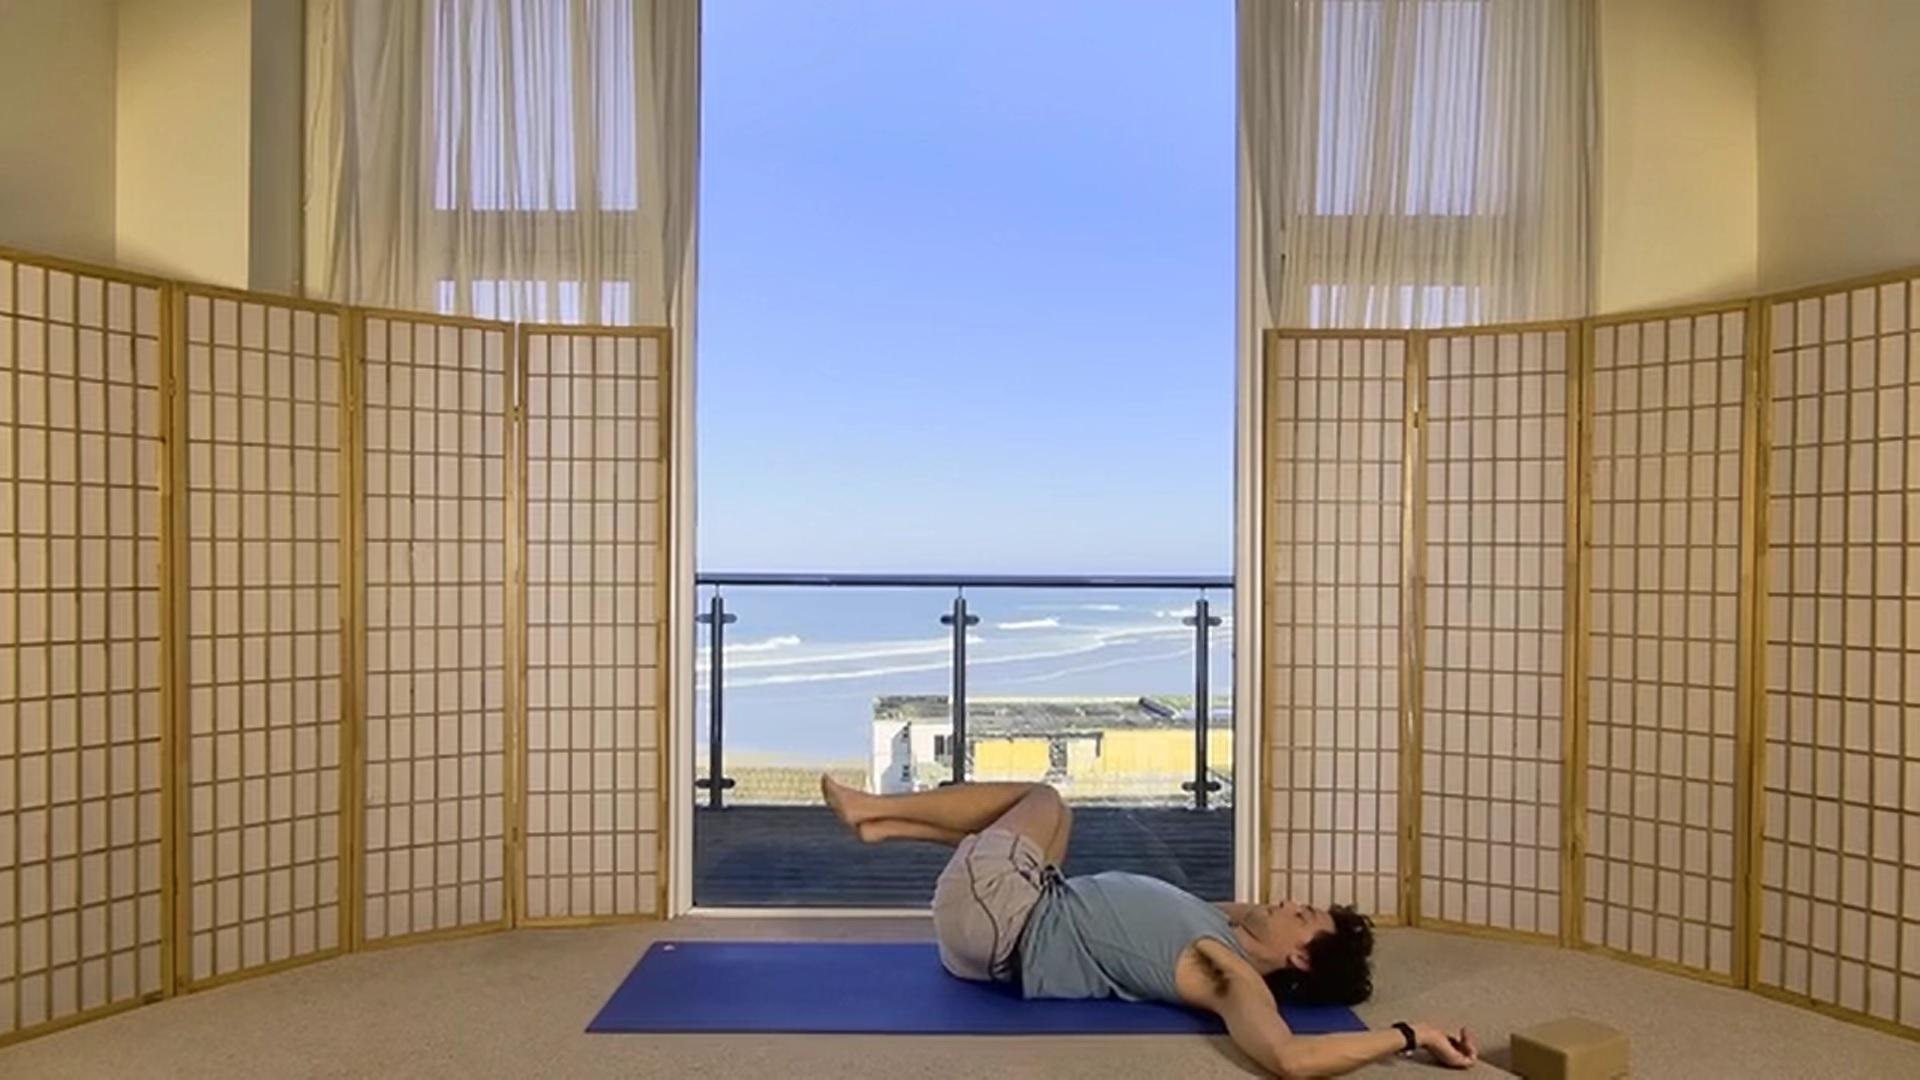 Foundation Beginner Yoga Back Alignment Oceanflow online